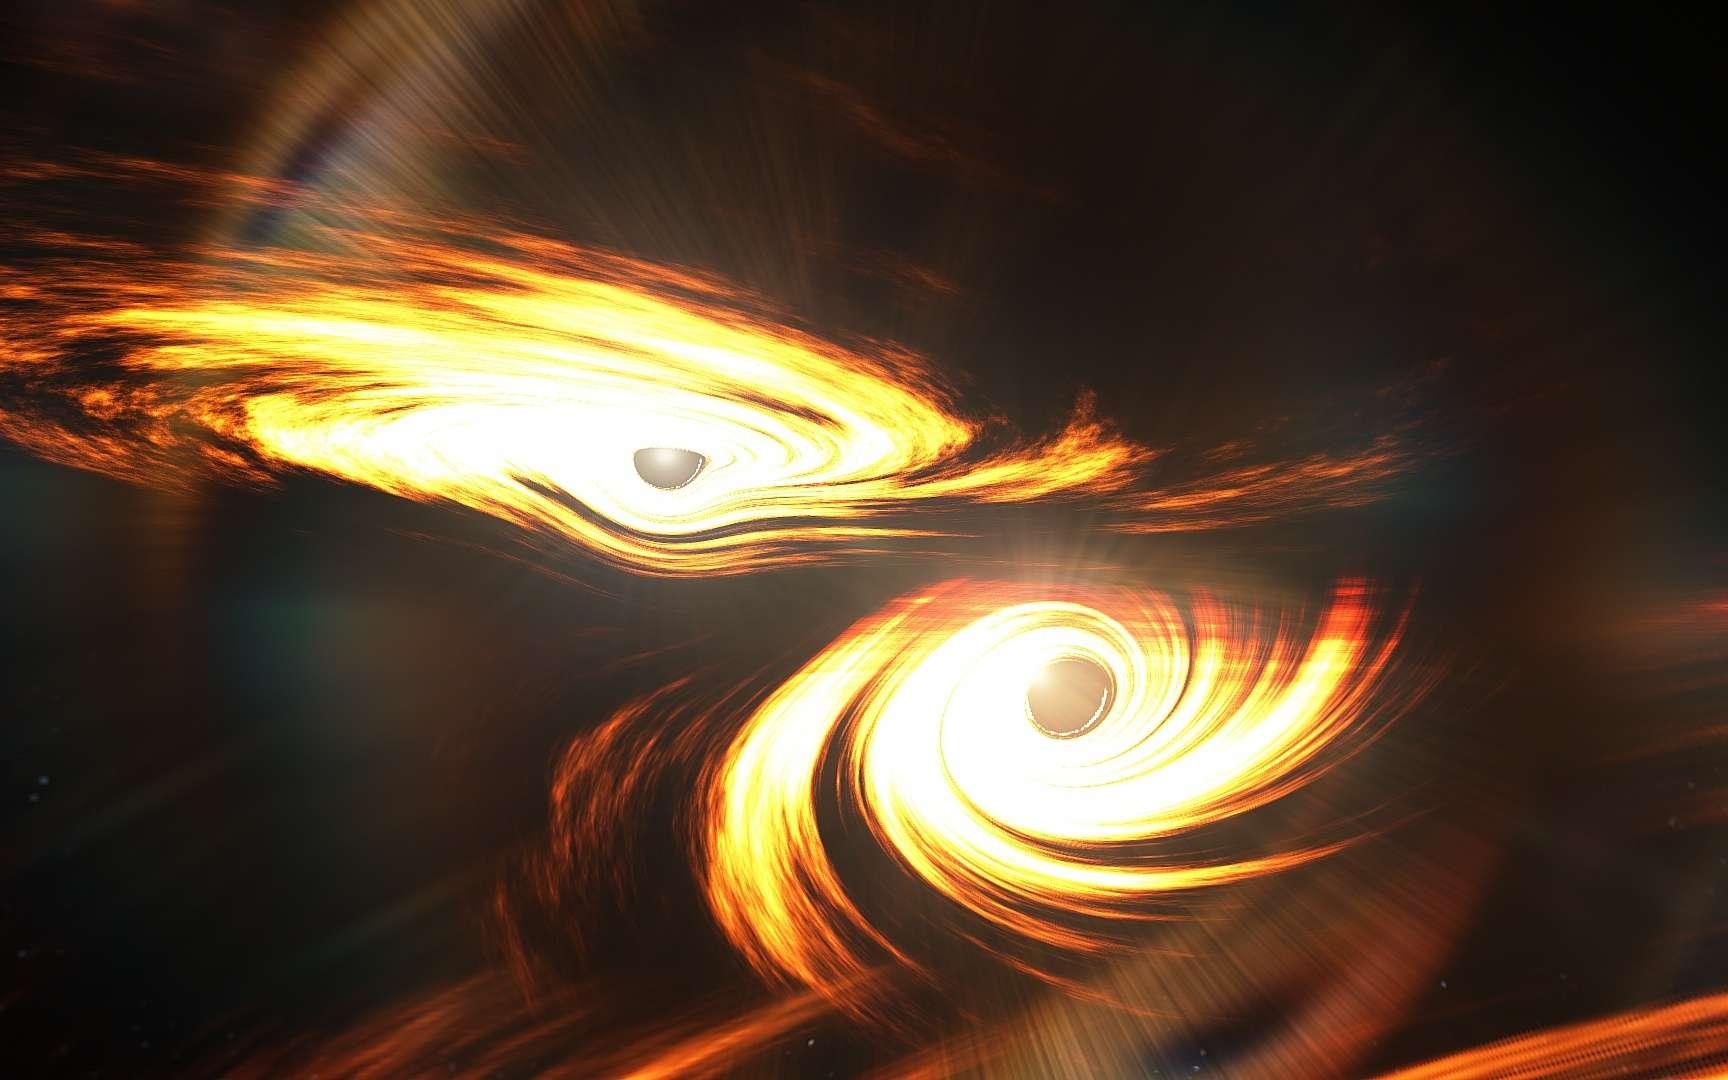 Une image d'artiste montrant l'origine du signal dont l'observation a été faite par les détecteurs d'ondes gravitationnelles Ligo et Virgo le 21 mai 2019 (GW190521). Il devait s'agir d'une collision de trous noirs. © Mark Myers, ARC Centre of Excellence for Gravitational Wave Discovery (OzGrav).